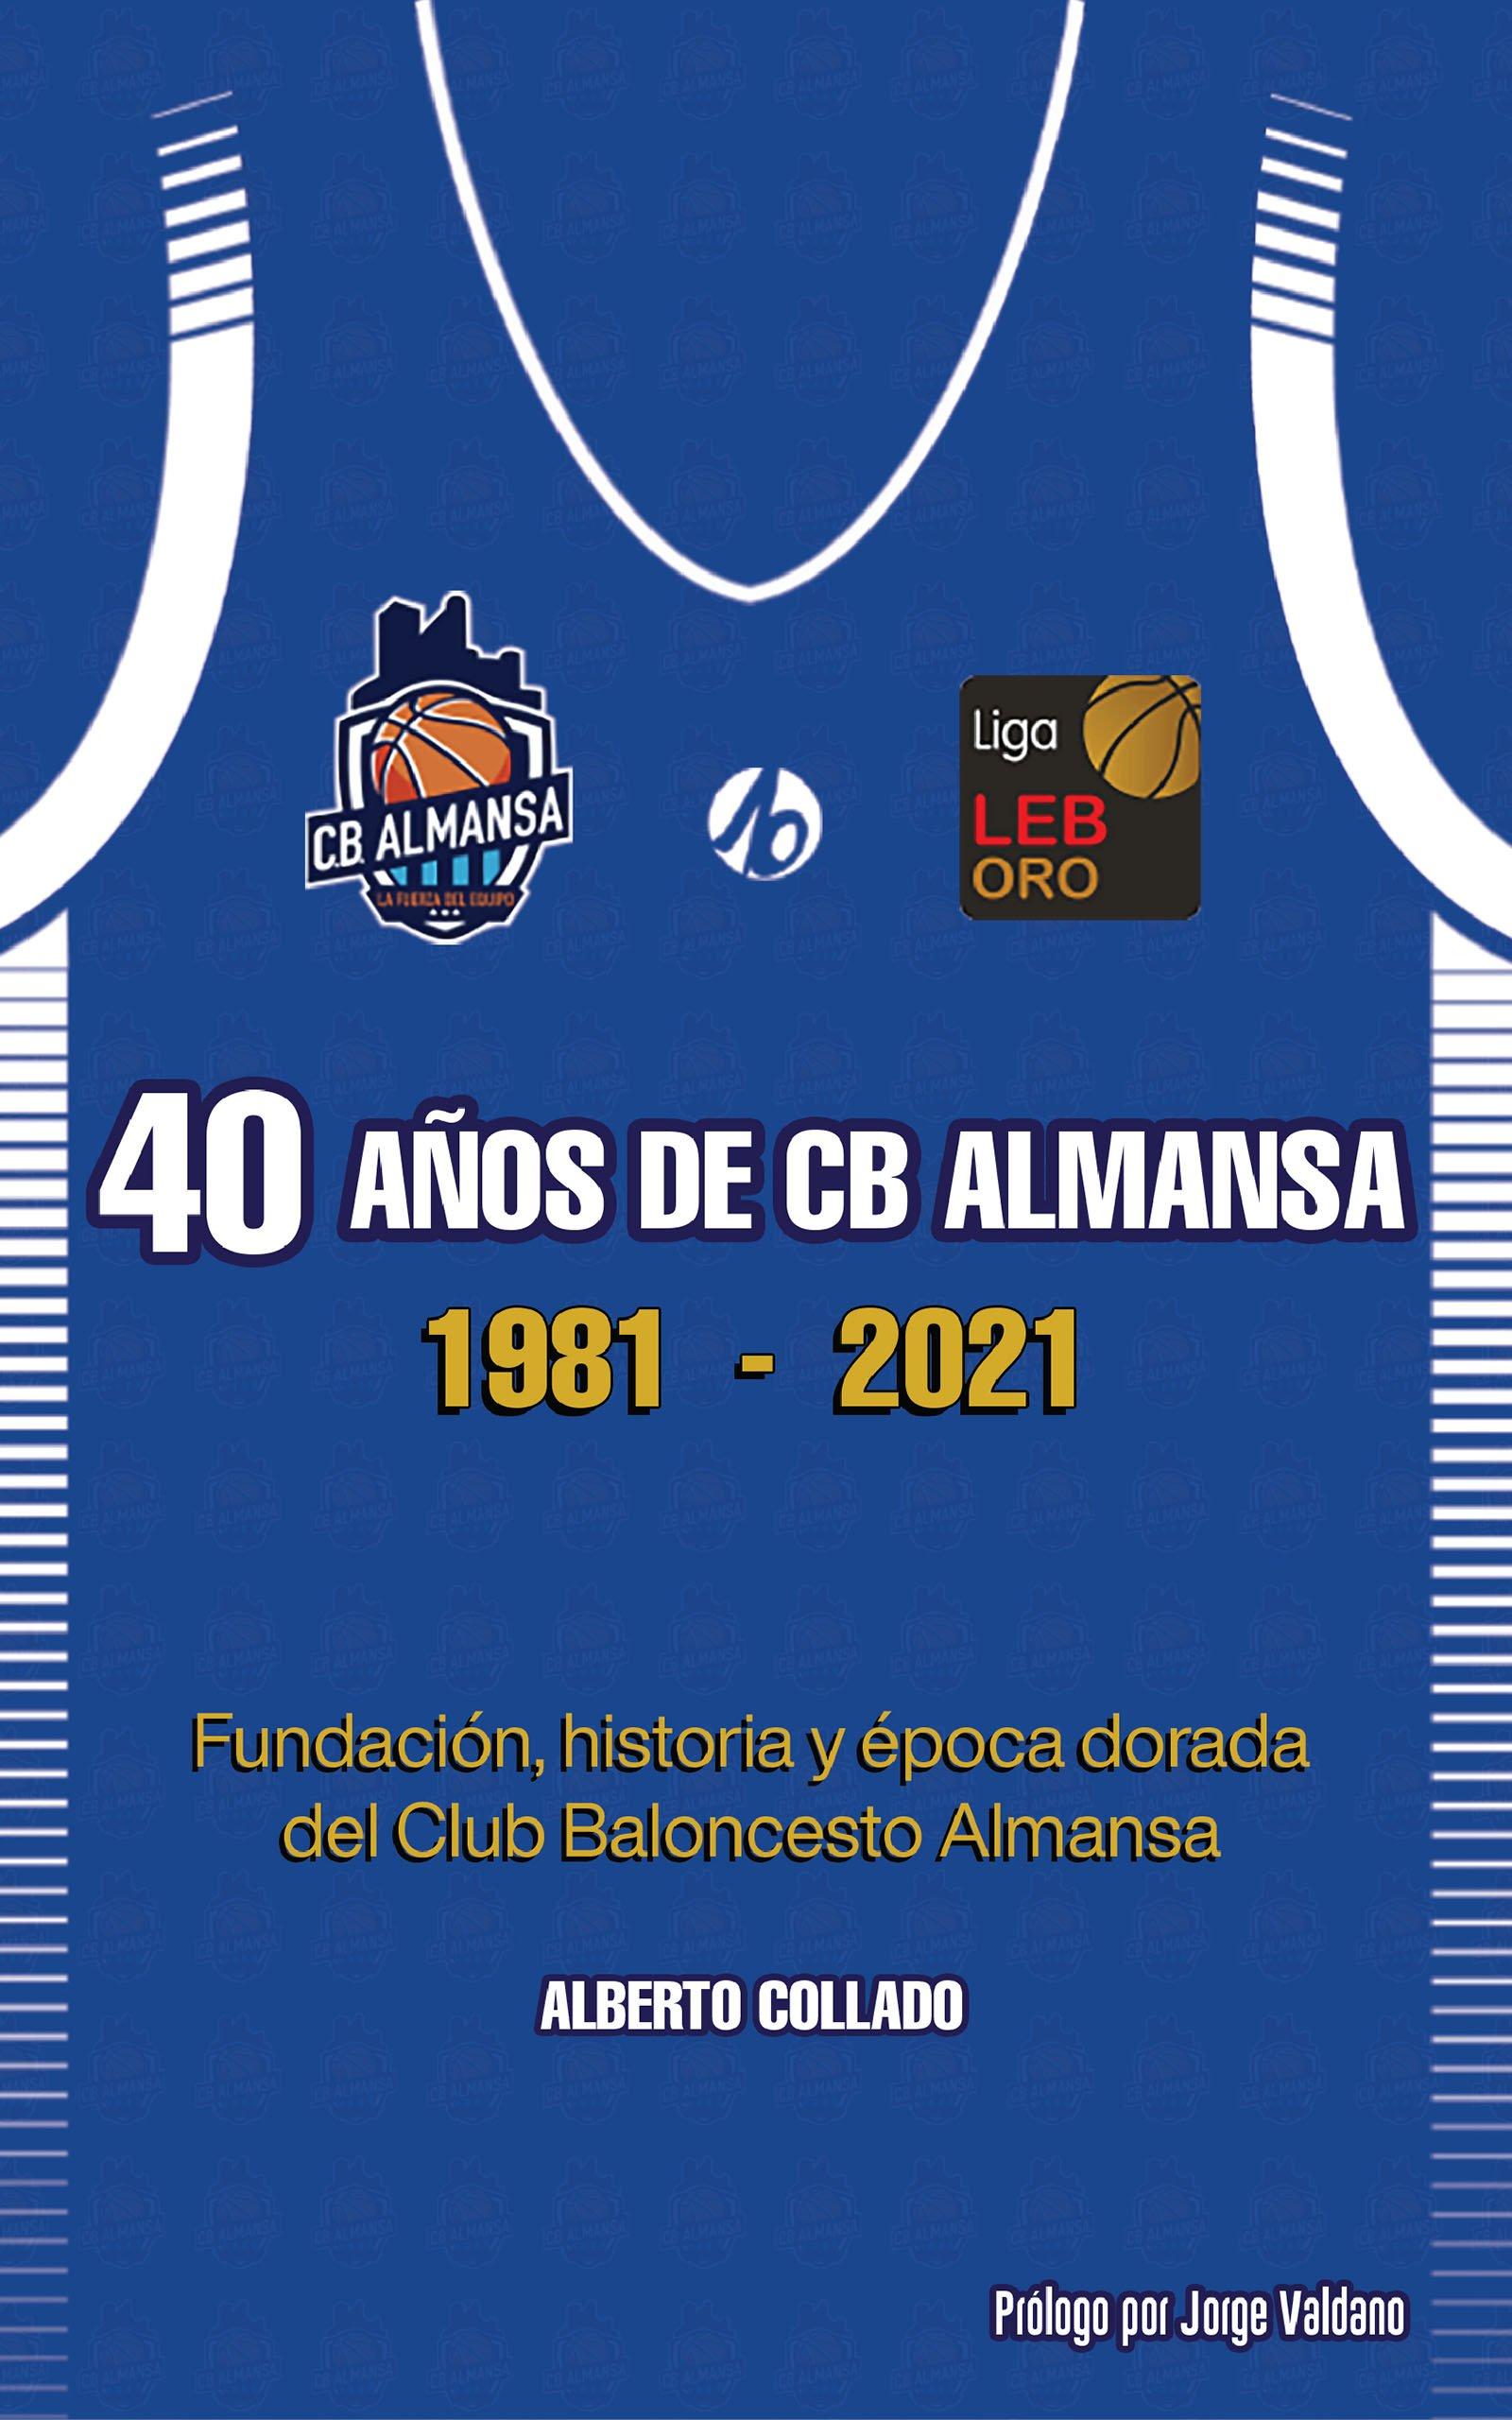 40 años de CB Almansa, de Alberto Collado